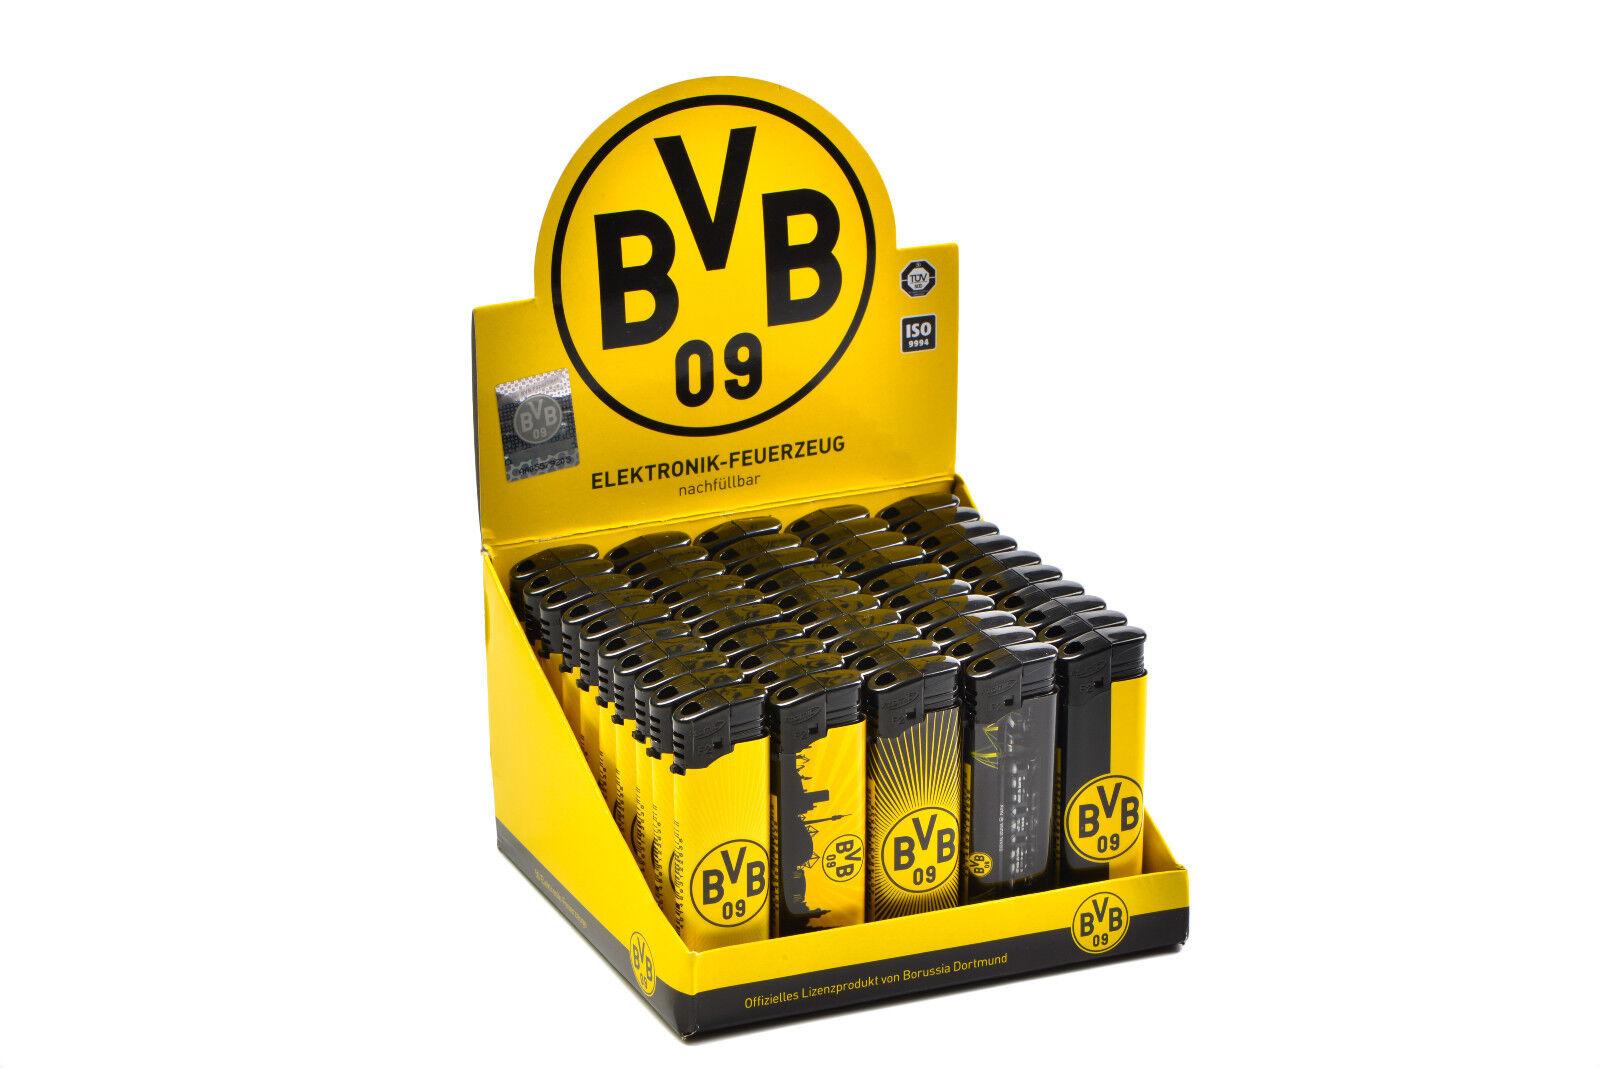 BVB 50 Elektronic verschiedene - Feuerzeuge von Borussia Dortmund 5 verschiedene Elektronic Motive NEU&O 783a8a